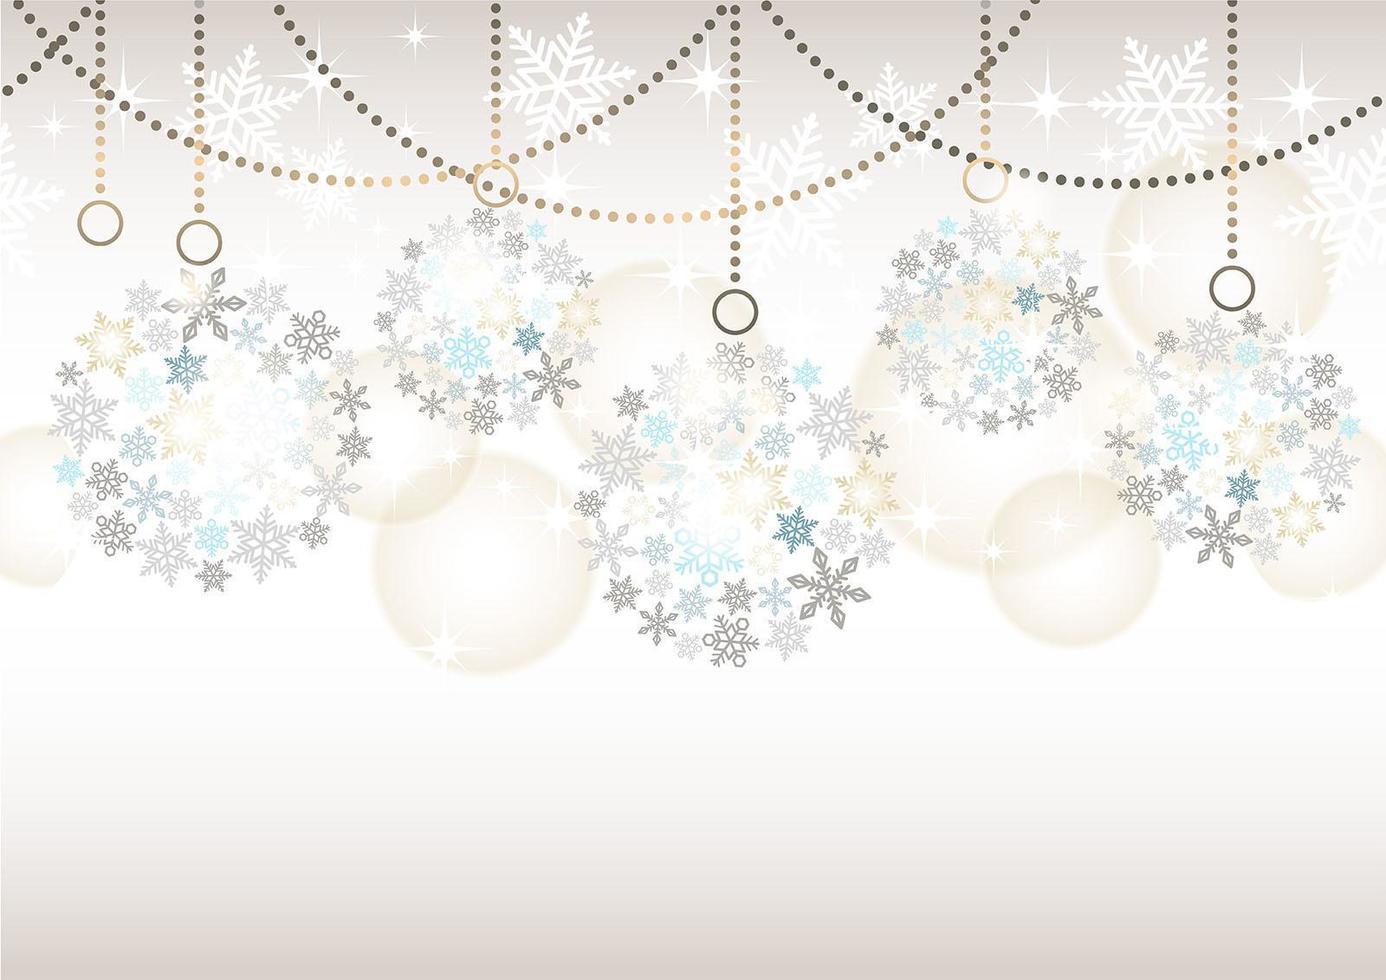 sömlös abstrakt bakgrund med julbollprydnader på en grå bakgrund. vektor